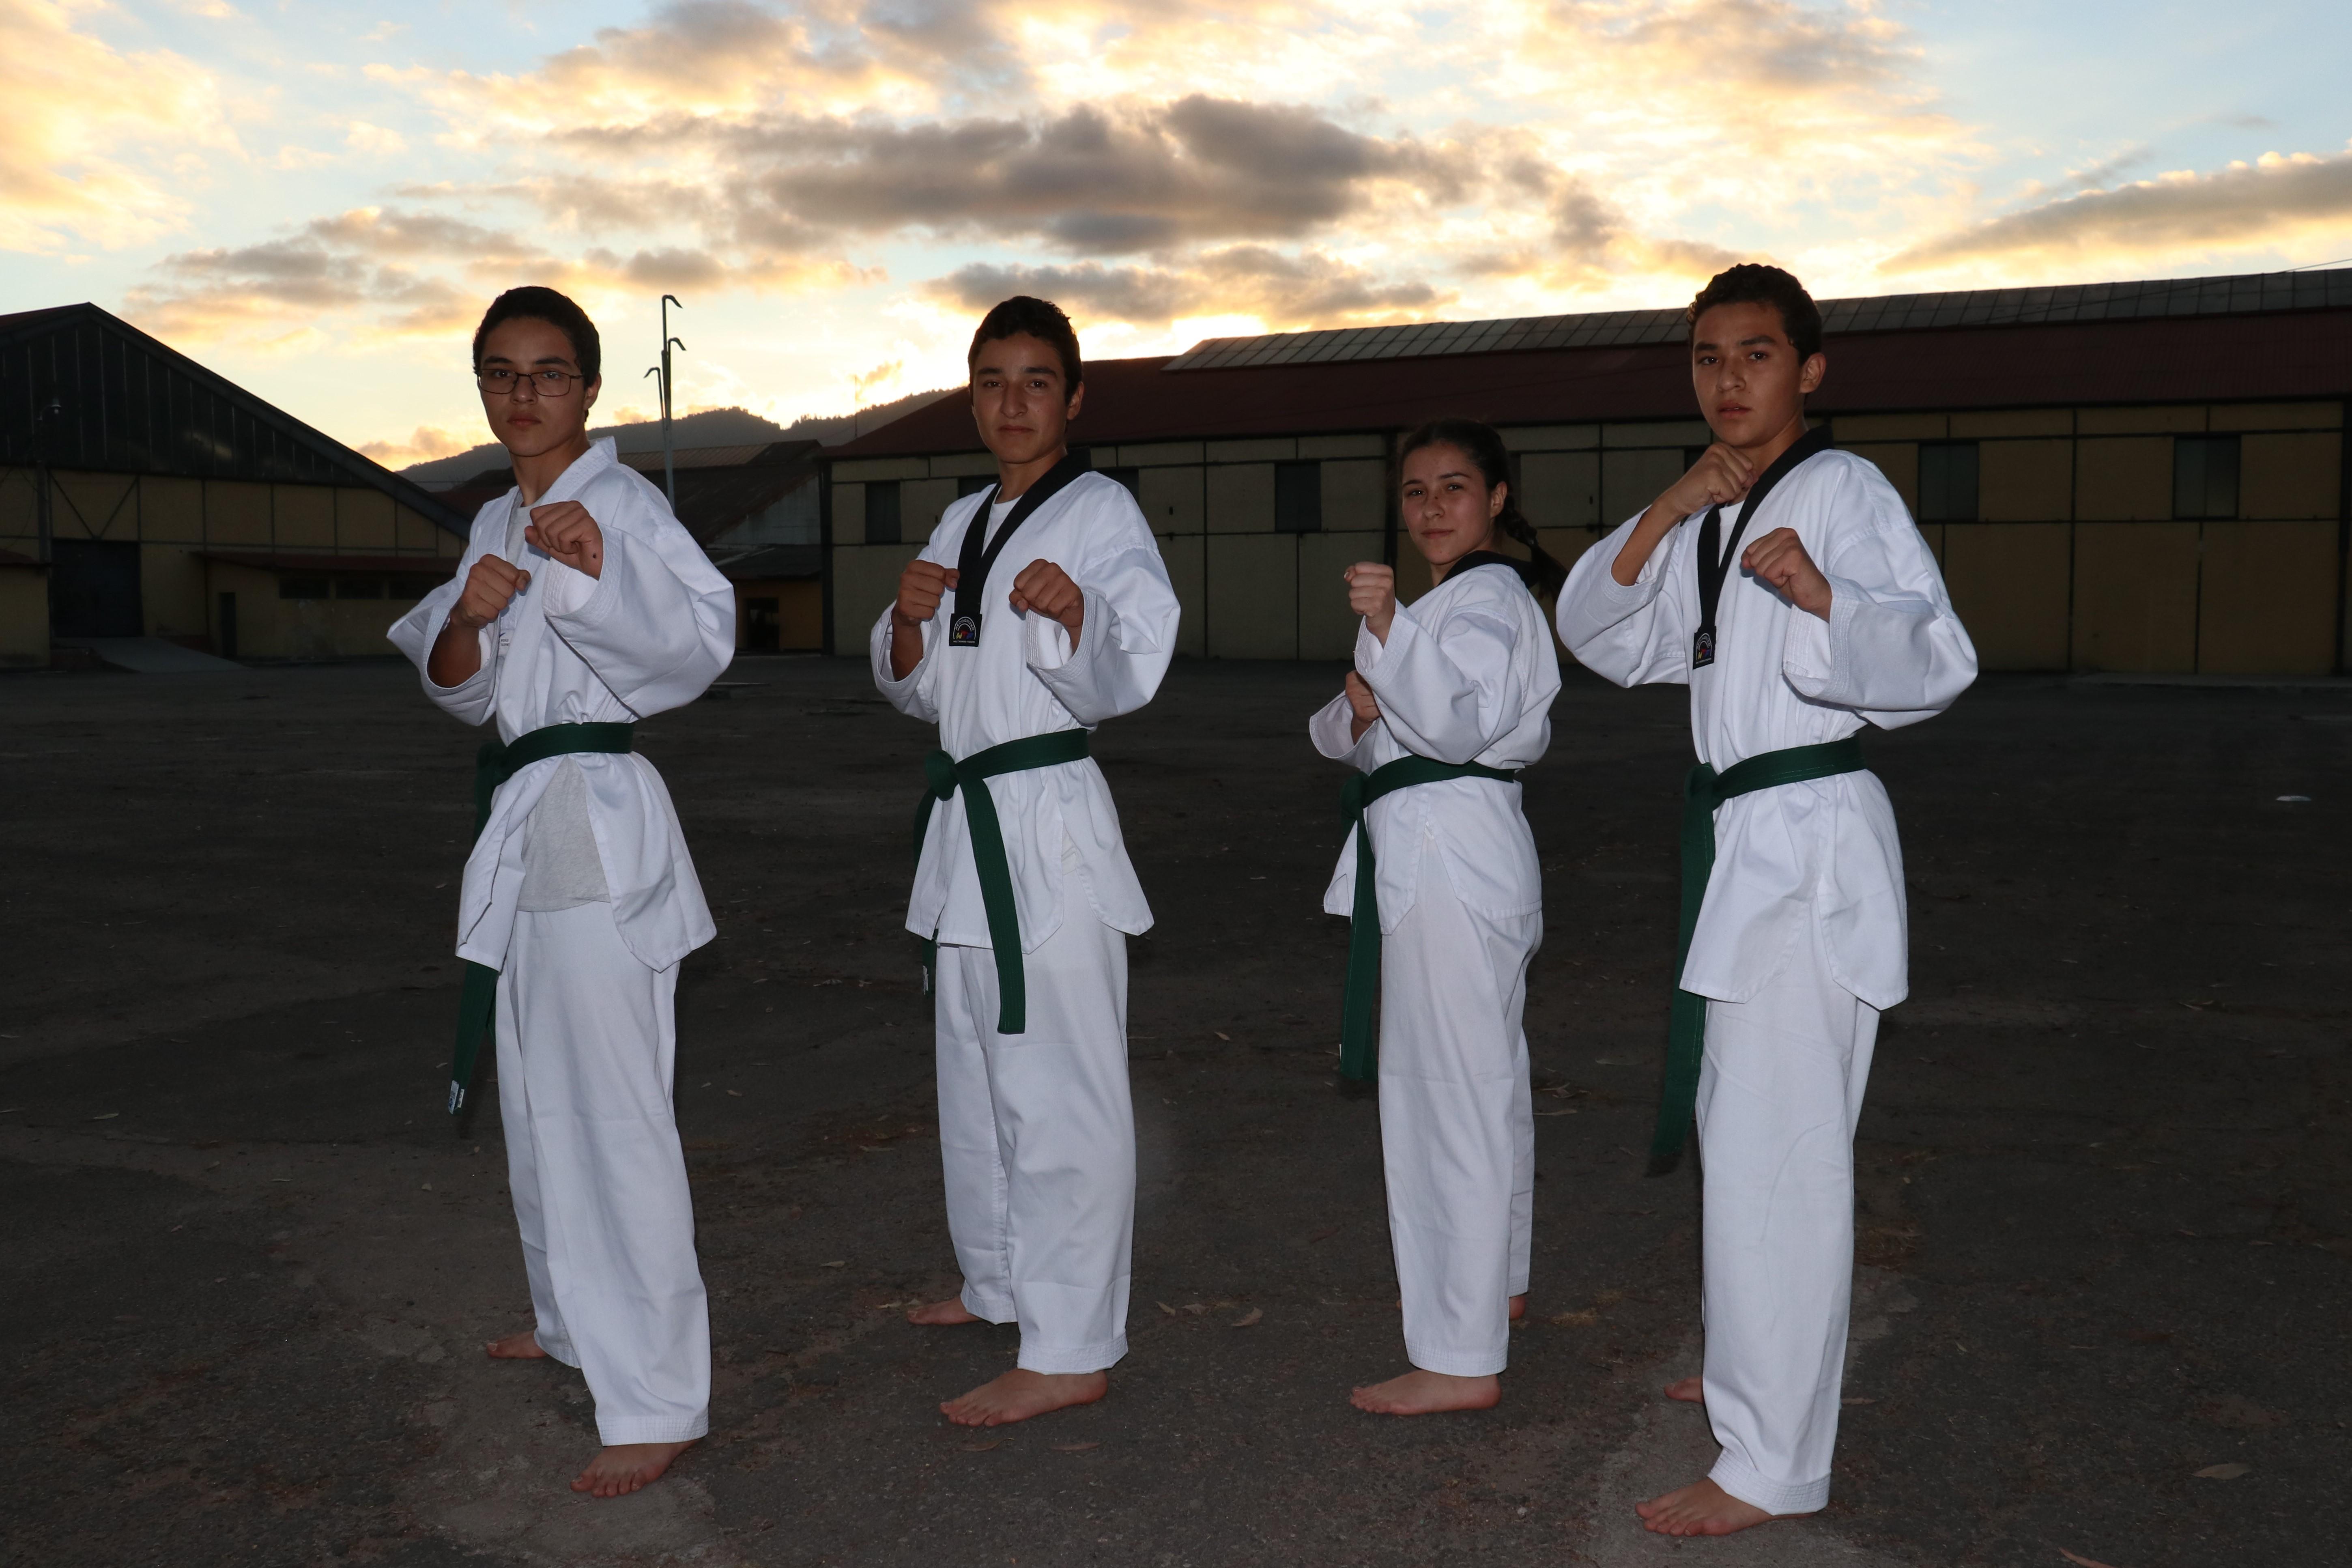 Los hermanos Castillo Gramajo esperan seguir aportando medallas para Quetzaltenango. (Foto Prensa Libre: Raúl Juárez)